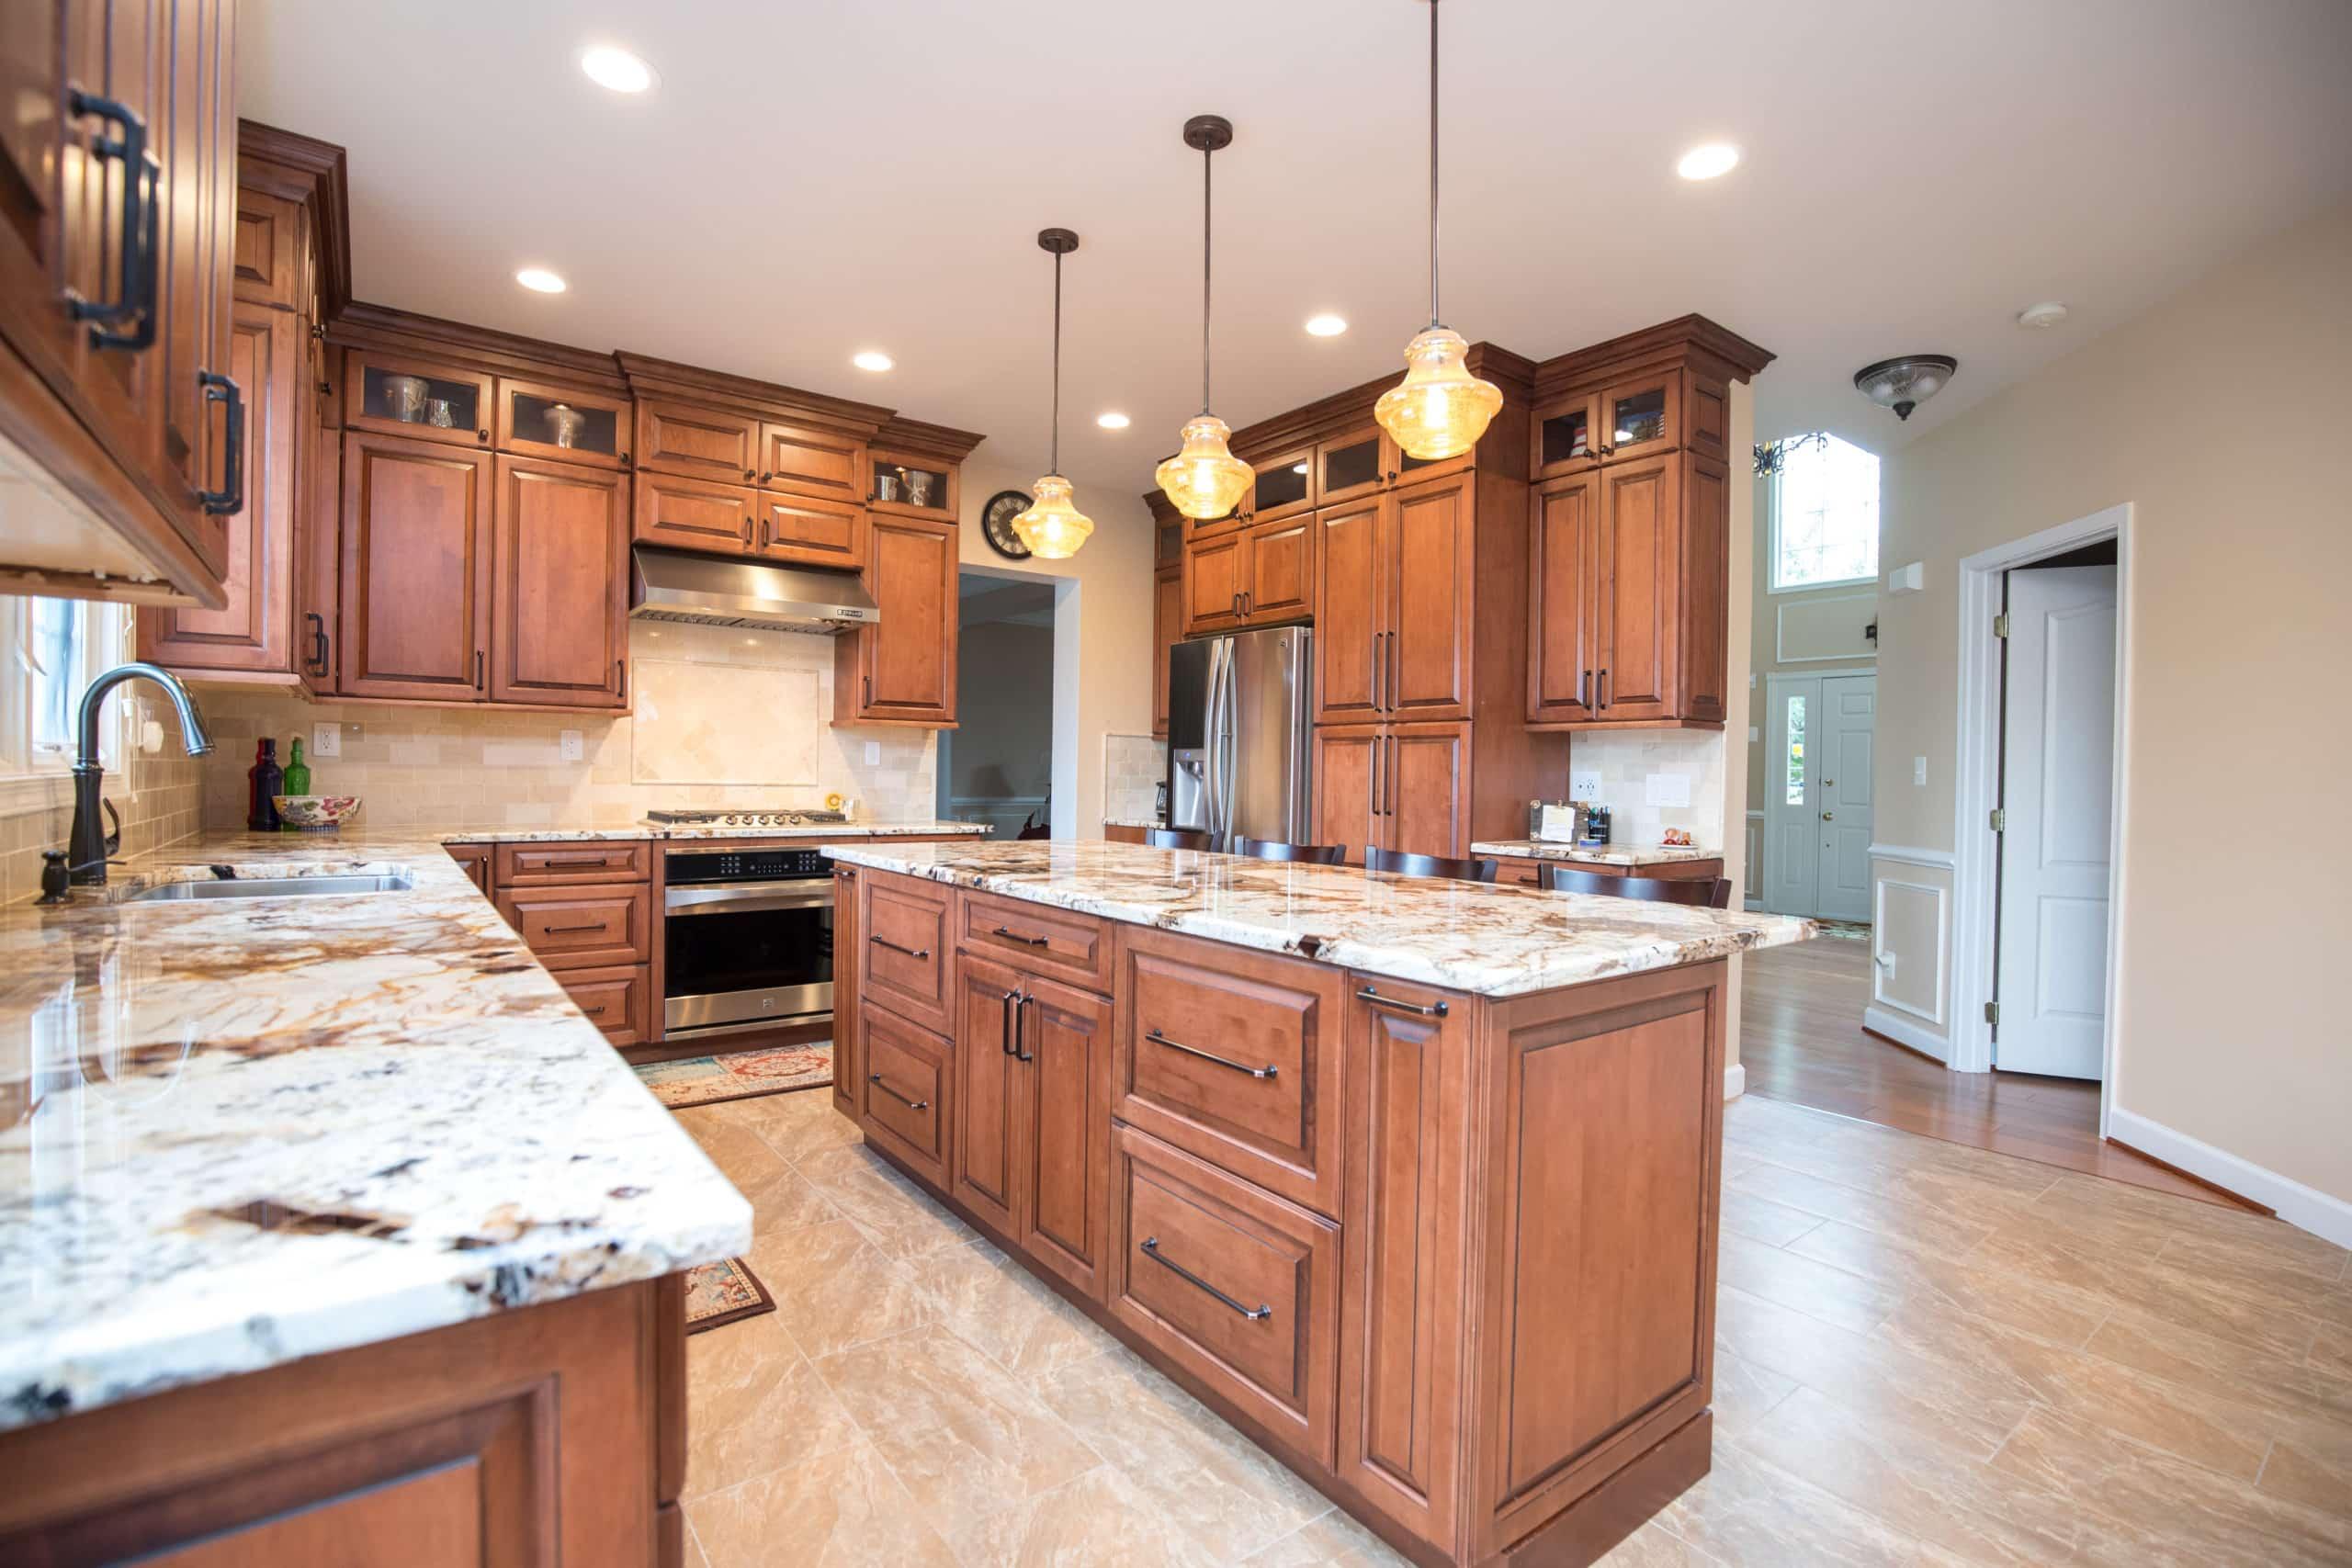 Kitchen Renovation in Hauston